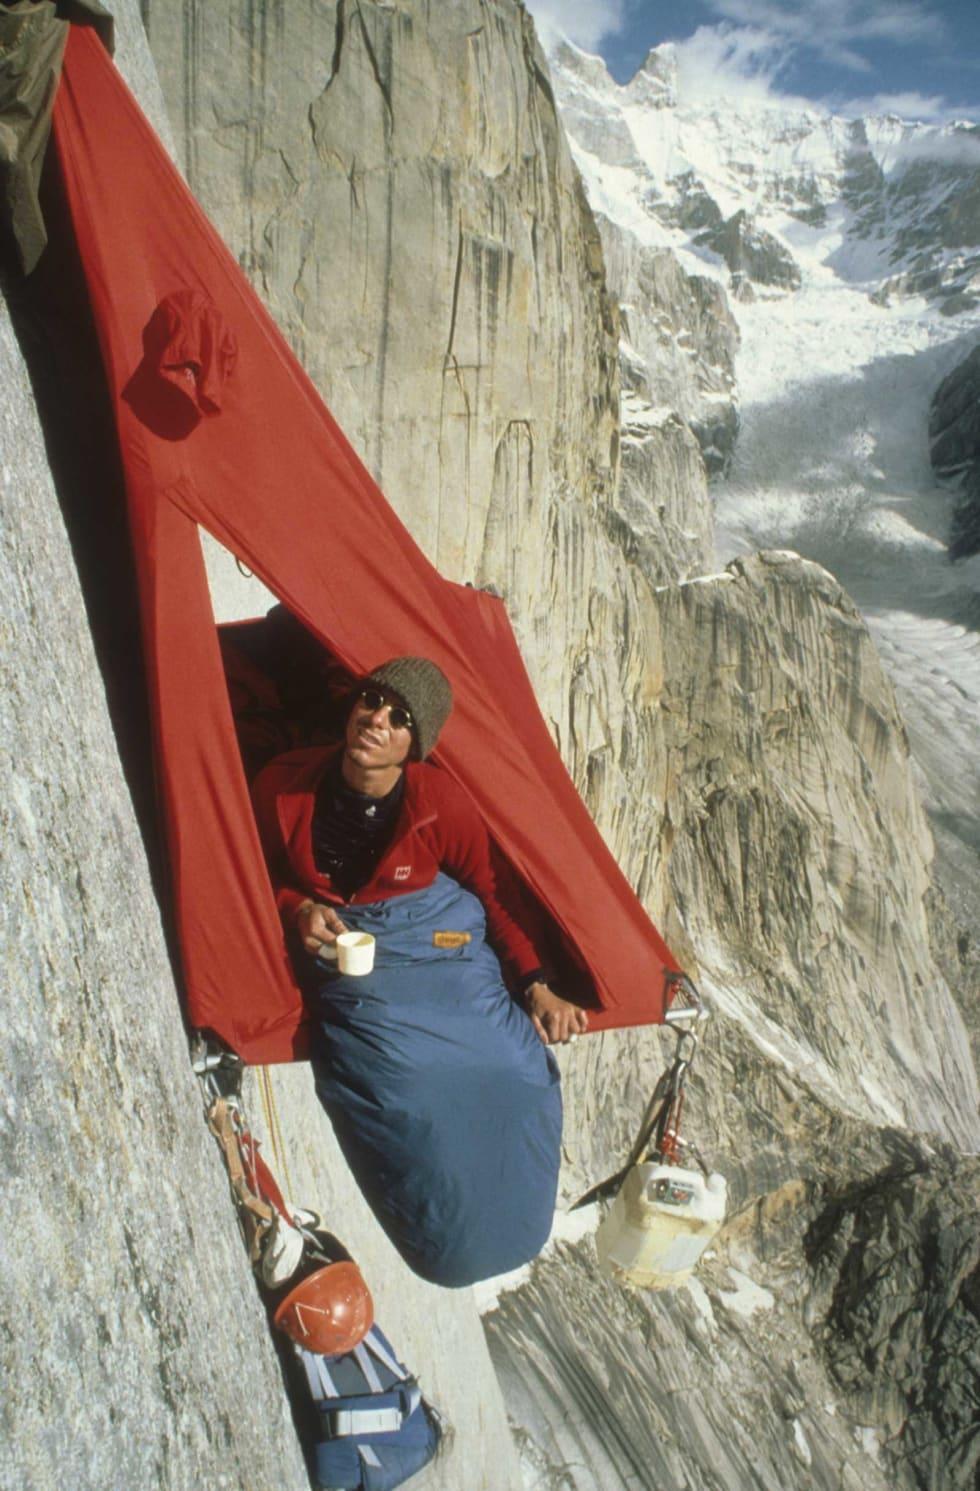 Livet på Trango: The Norwegian Trange Expedition 1984 er en av de store milepælene i norsk klatrehistorie. Her opplever Dag regn på nedre del av pillaren, og morgenstund i port-a-ledgen. Begge foto: Stein P. Aasheim